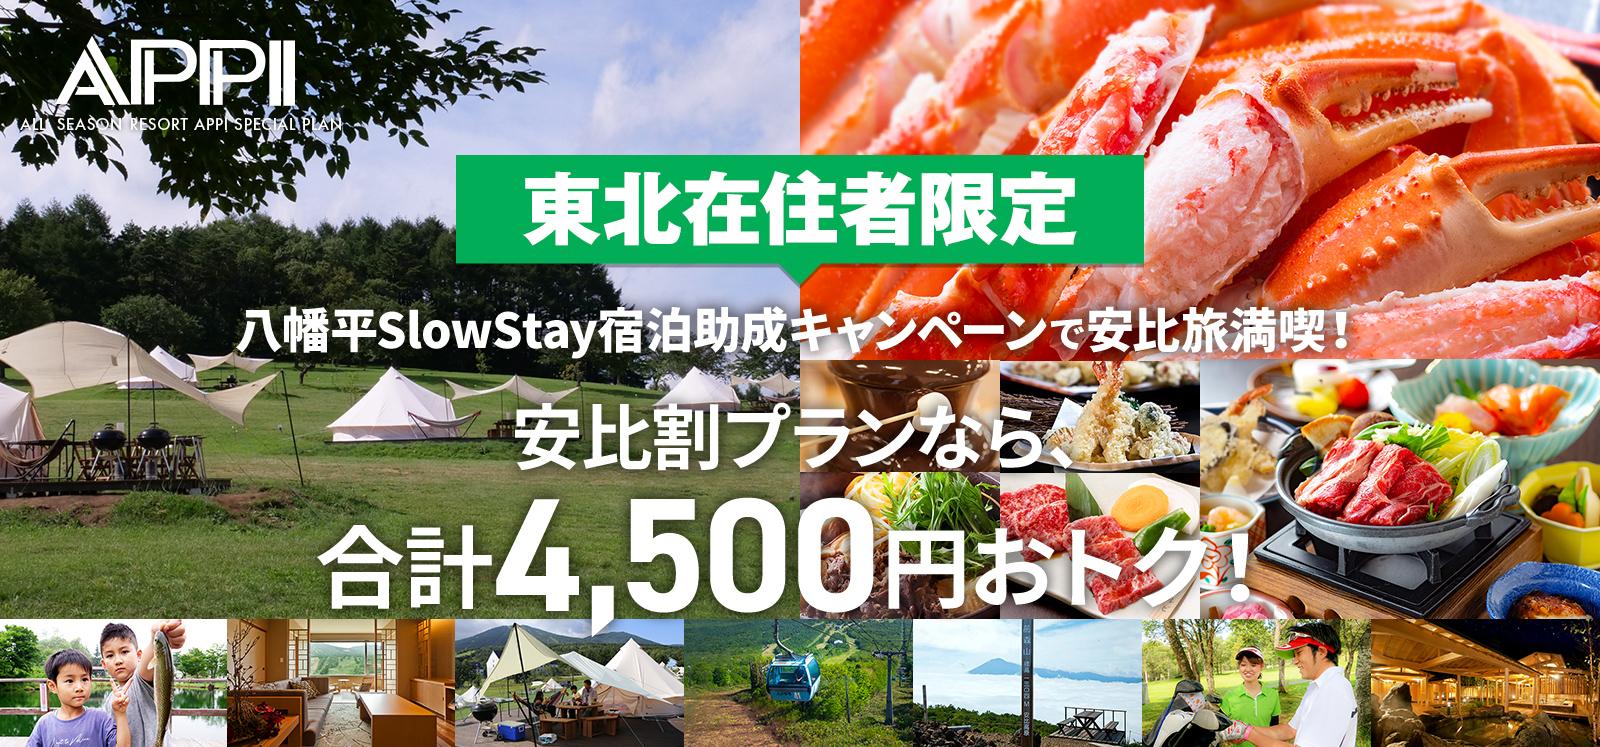 岩手県民限定 いわて旅応援プロジェクト いわて応援クーポン+八幡平SlowStay宿泊助成キャンペーン&安比割で最大11,500円おトク!